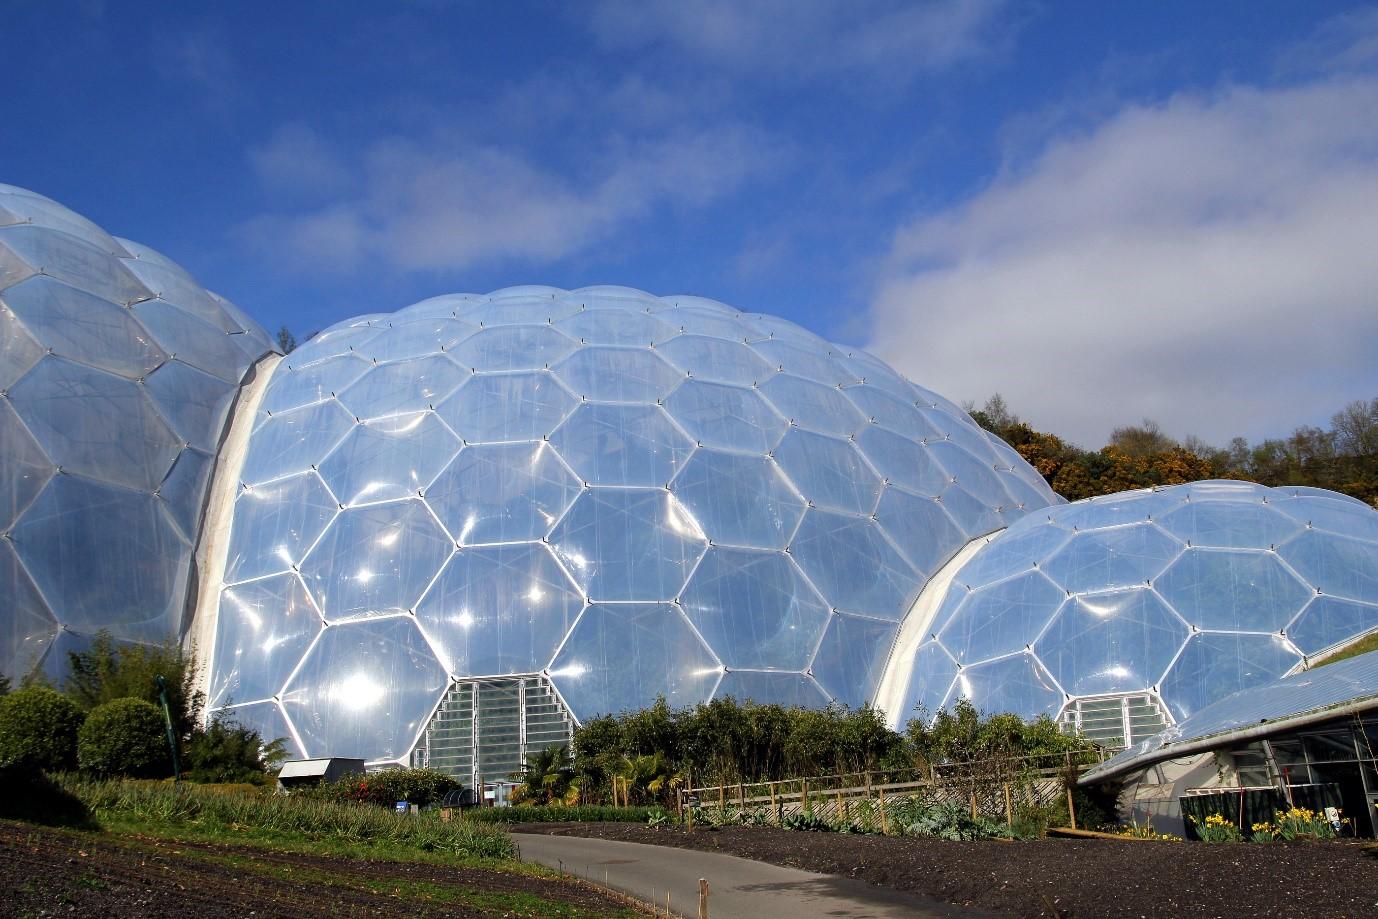 Eden Project indoor rainforest